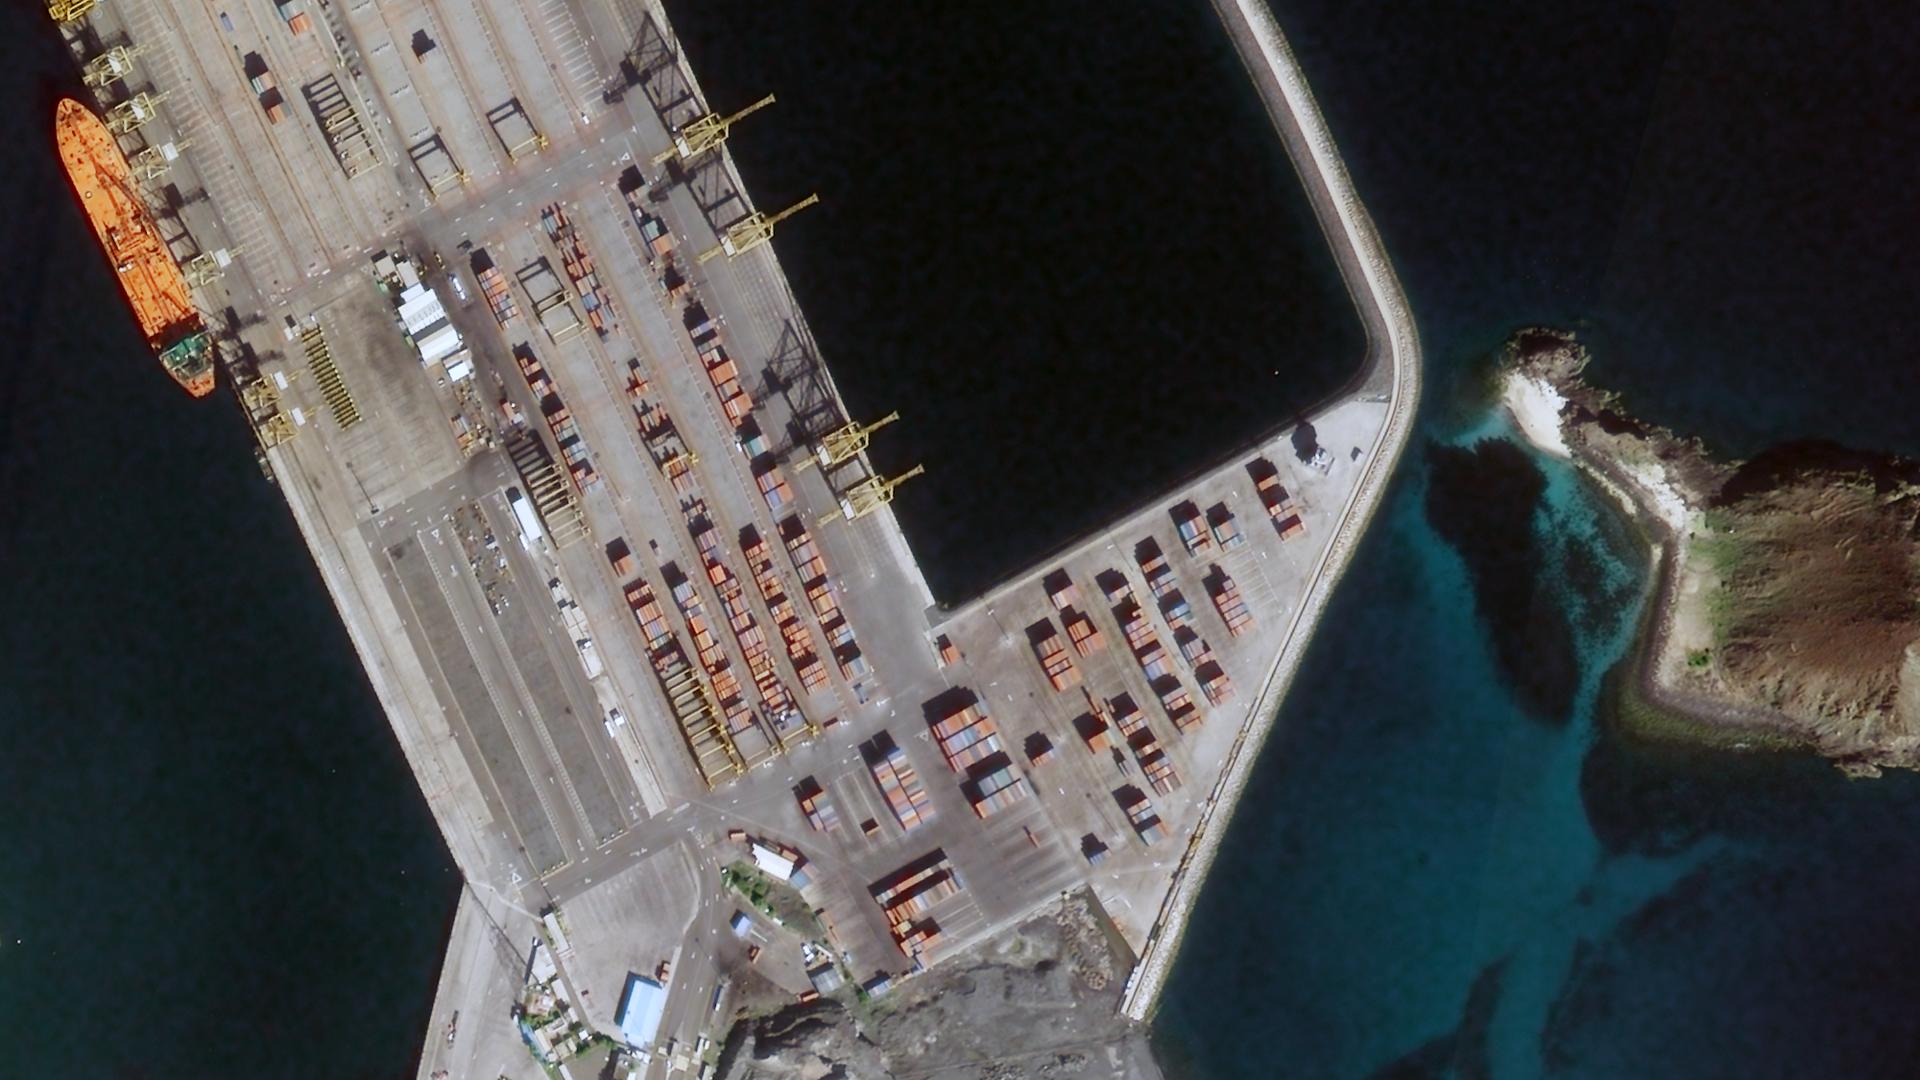 JL-1KF01, 0.50m, 2020/01/18, Khor Fakkan port, Sharjah, UAE